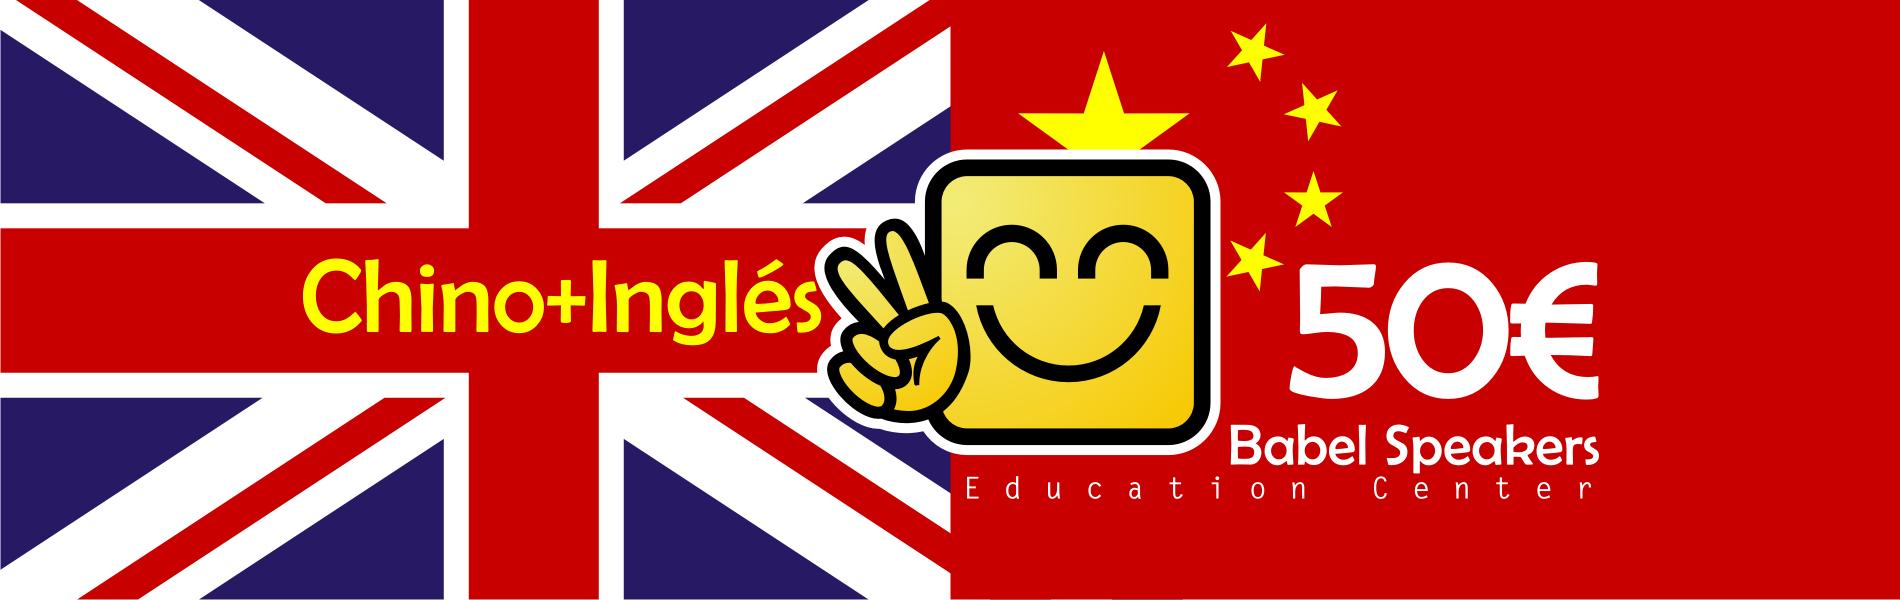 curso de chino e inglés